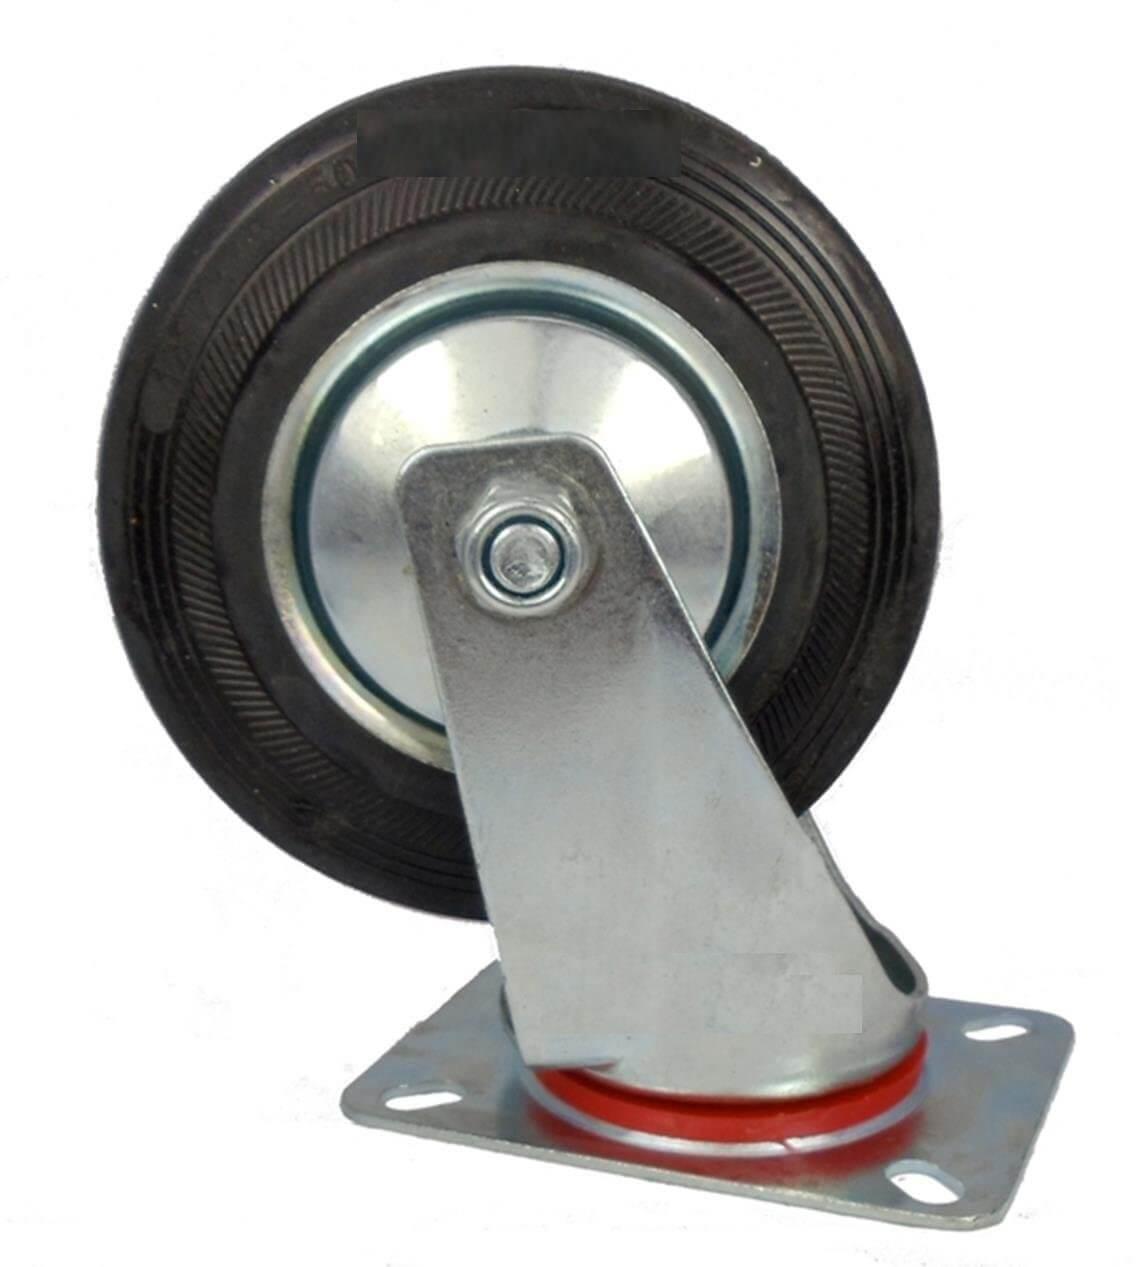 Plate Mounted Swivel Rubber Castors